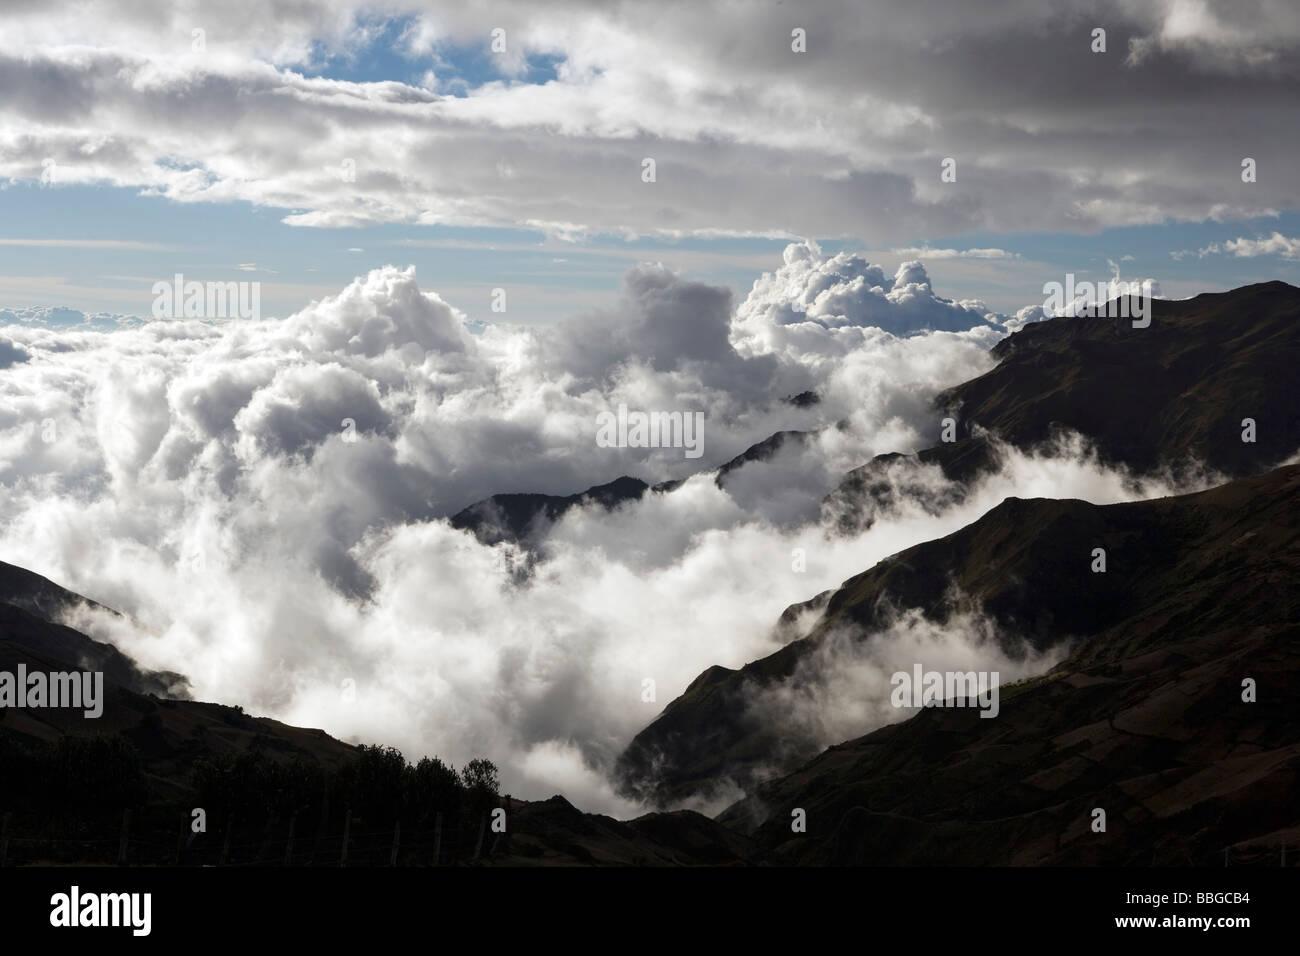 Wolken in der Anden - in der Nähe von Latacunga, Provinz Cotopaxi, Ecuador Stockbild